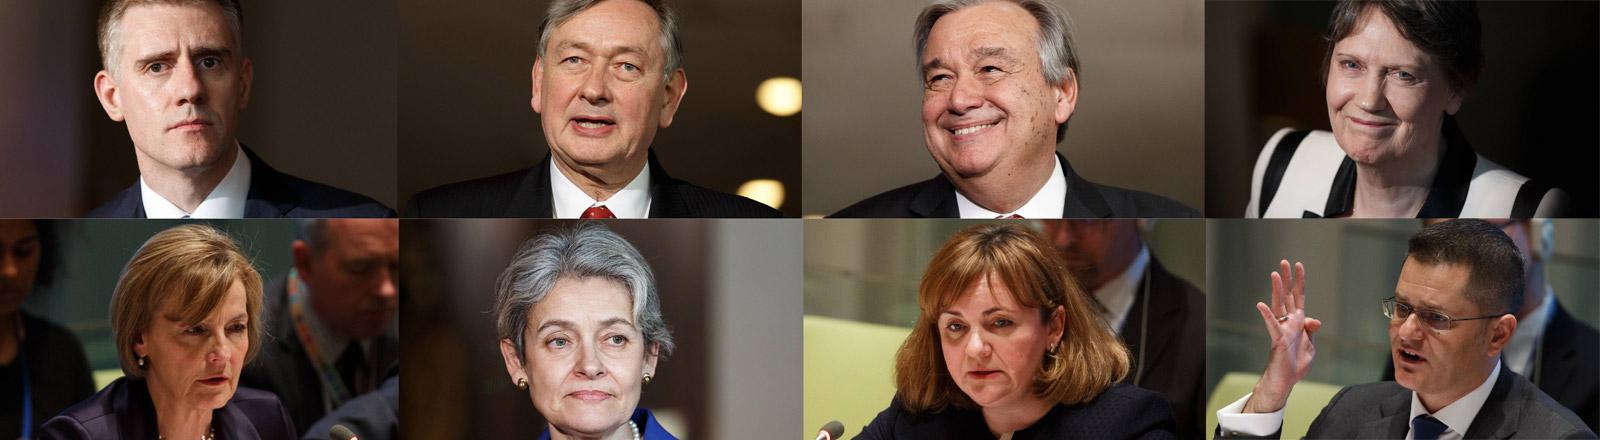 Kandidaten, die sich um das Amt des UN-Generalsekretärs bewerben